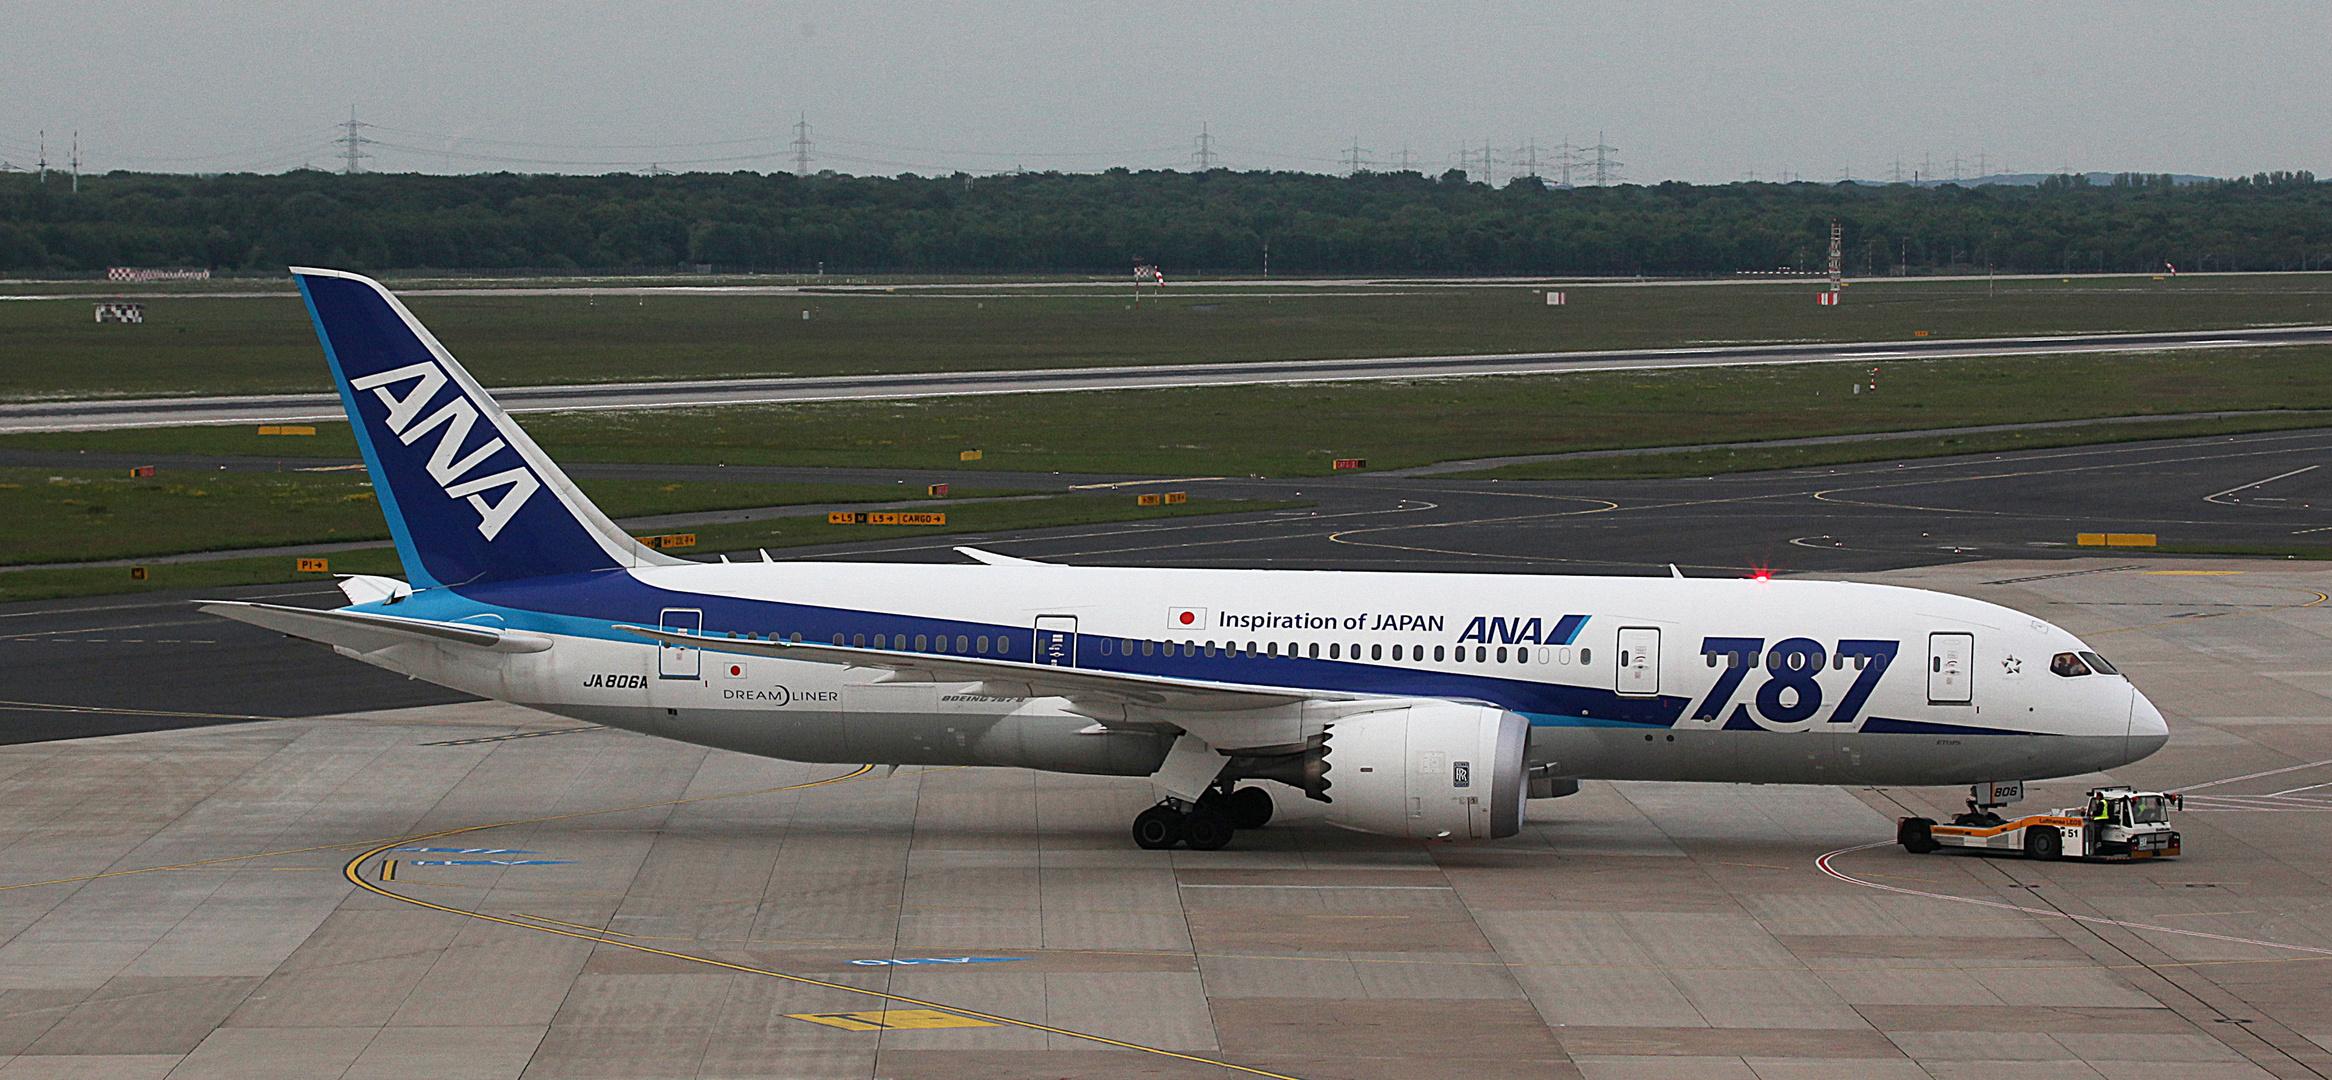 BOEING 787 DREAMLINER - Kennung JA 806A ..